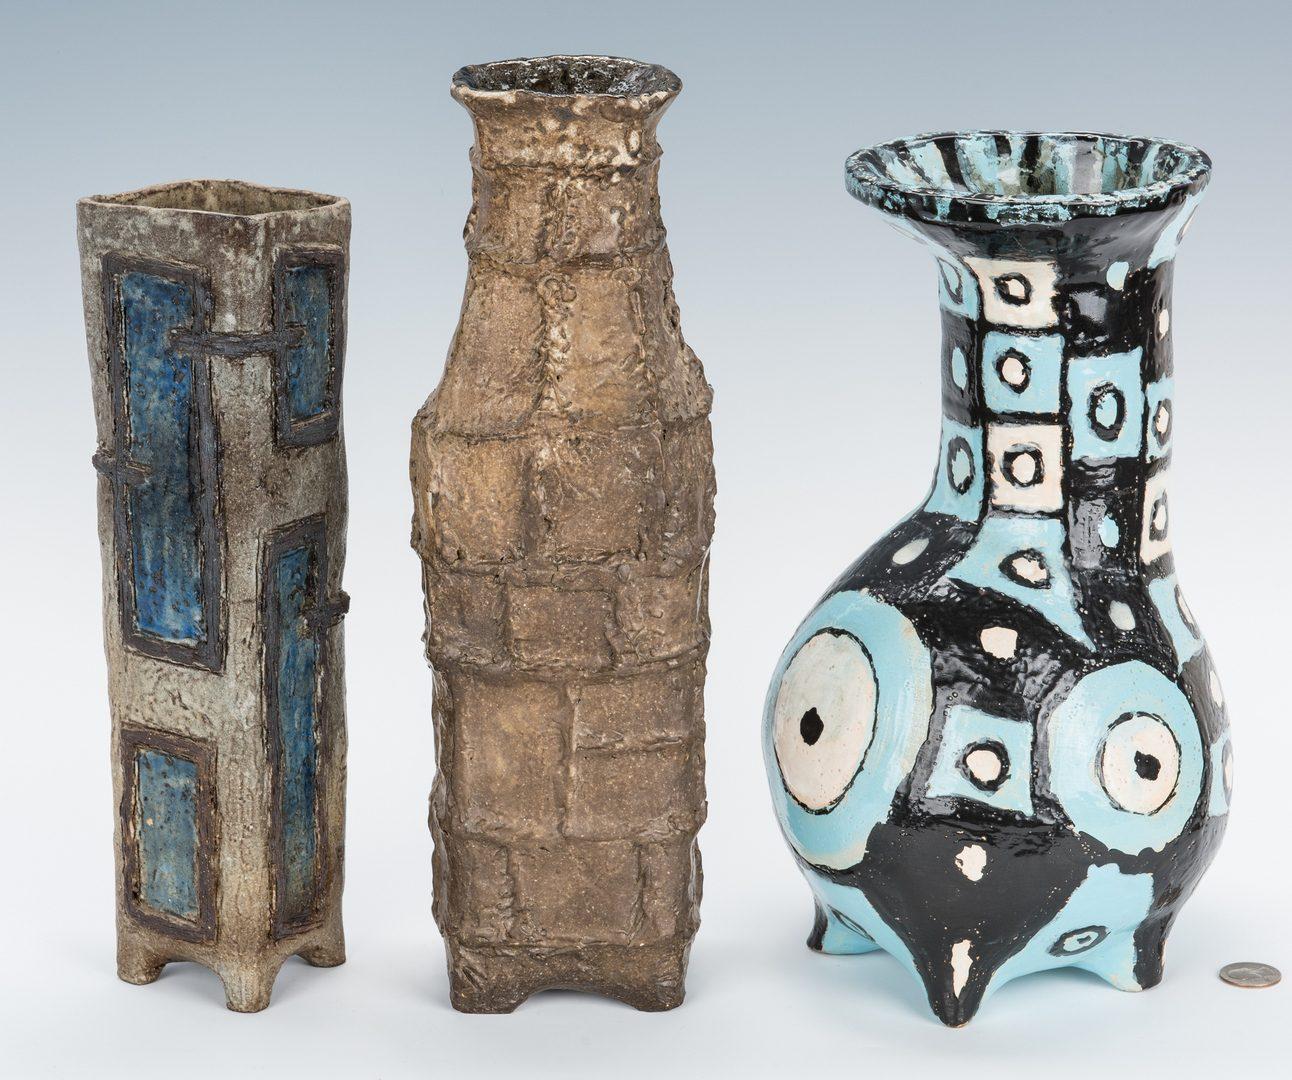 Lot 267: 3 Olen Bryant Ceramic Vases